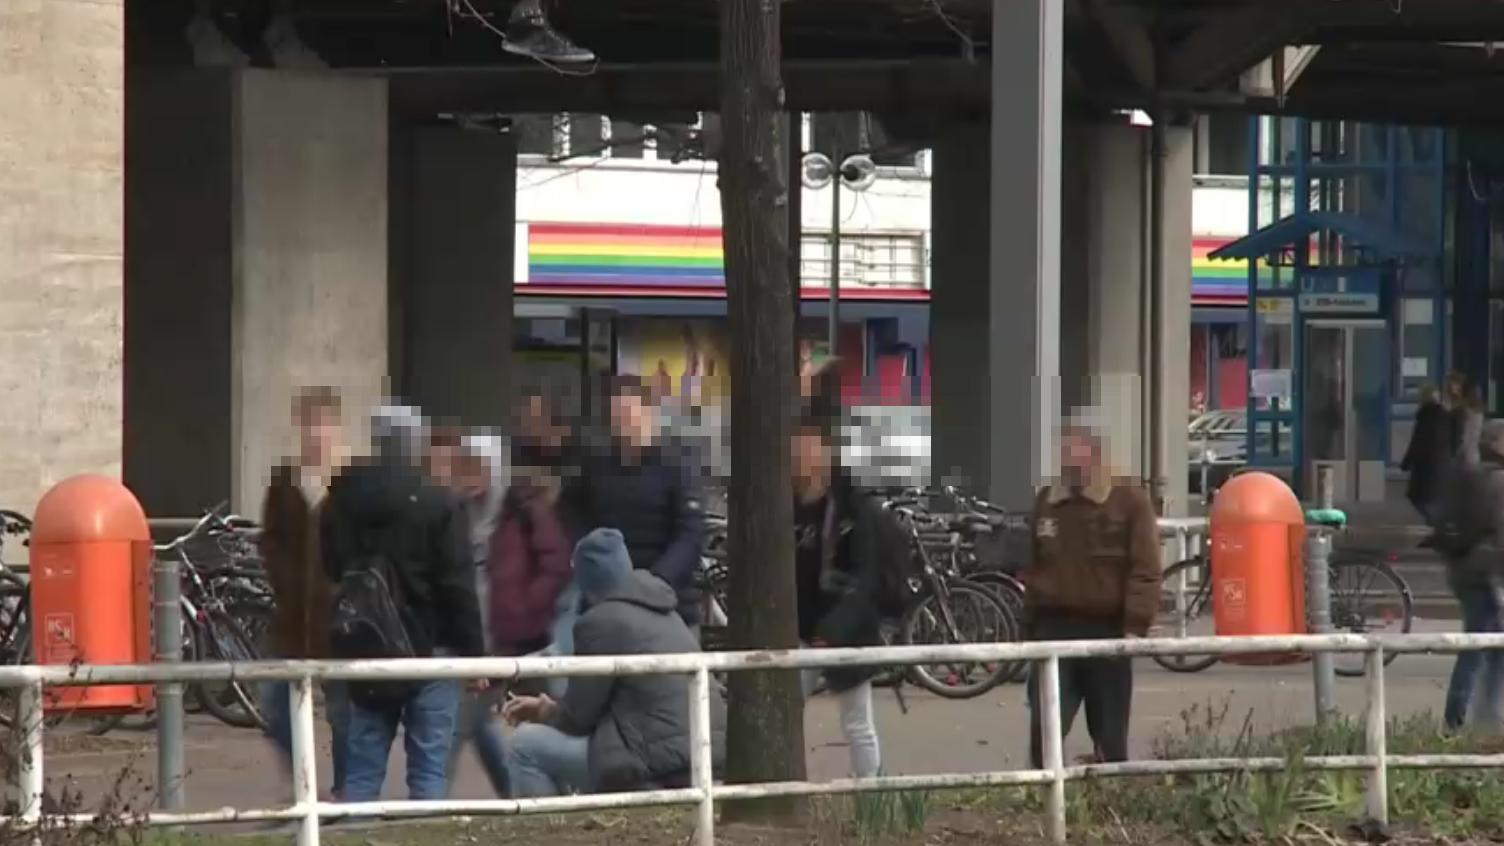 bedrohung-am-berliner-nollendorfplatz-foto-archiv